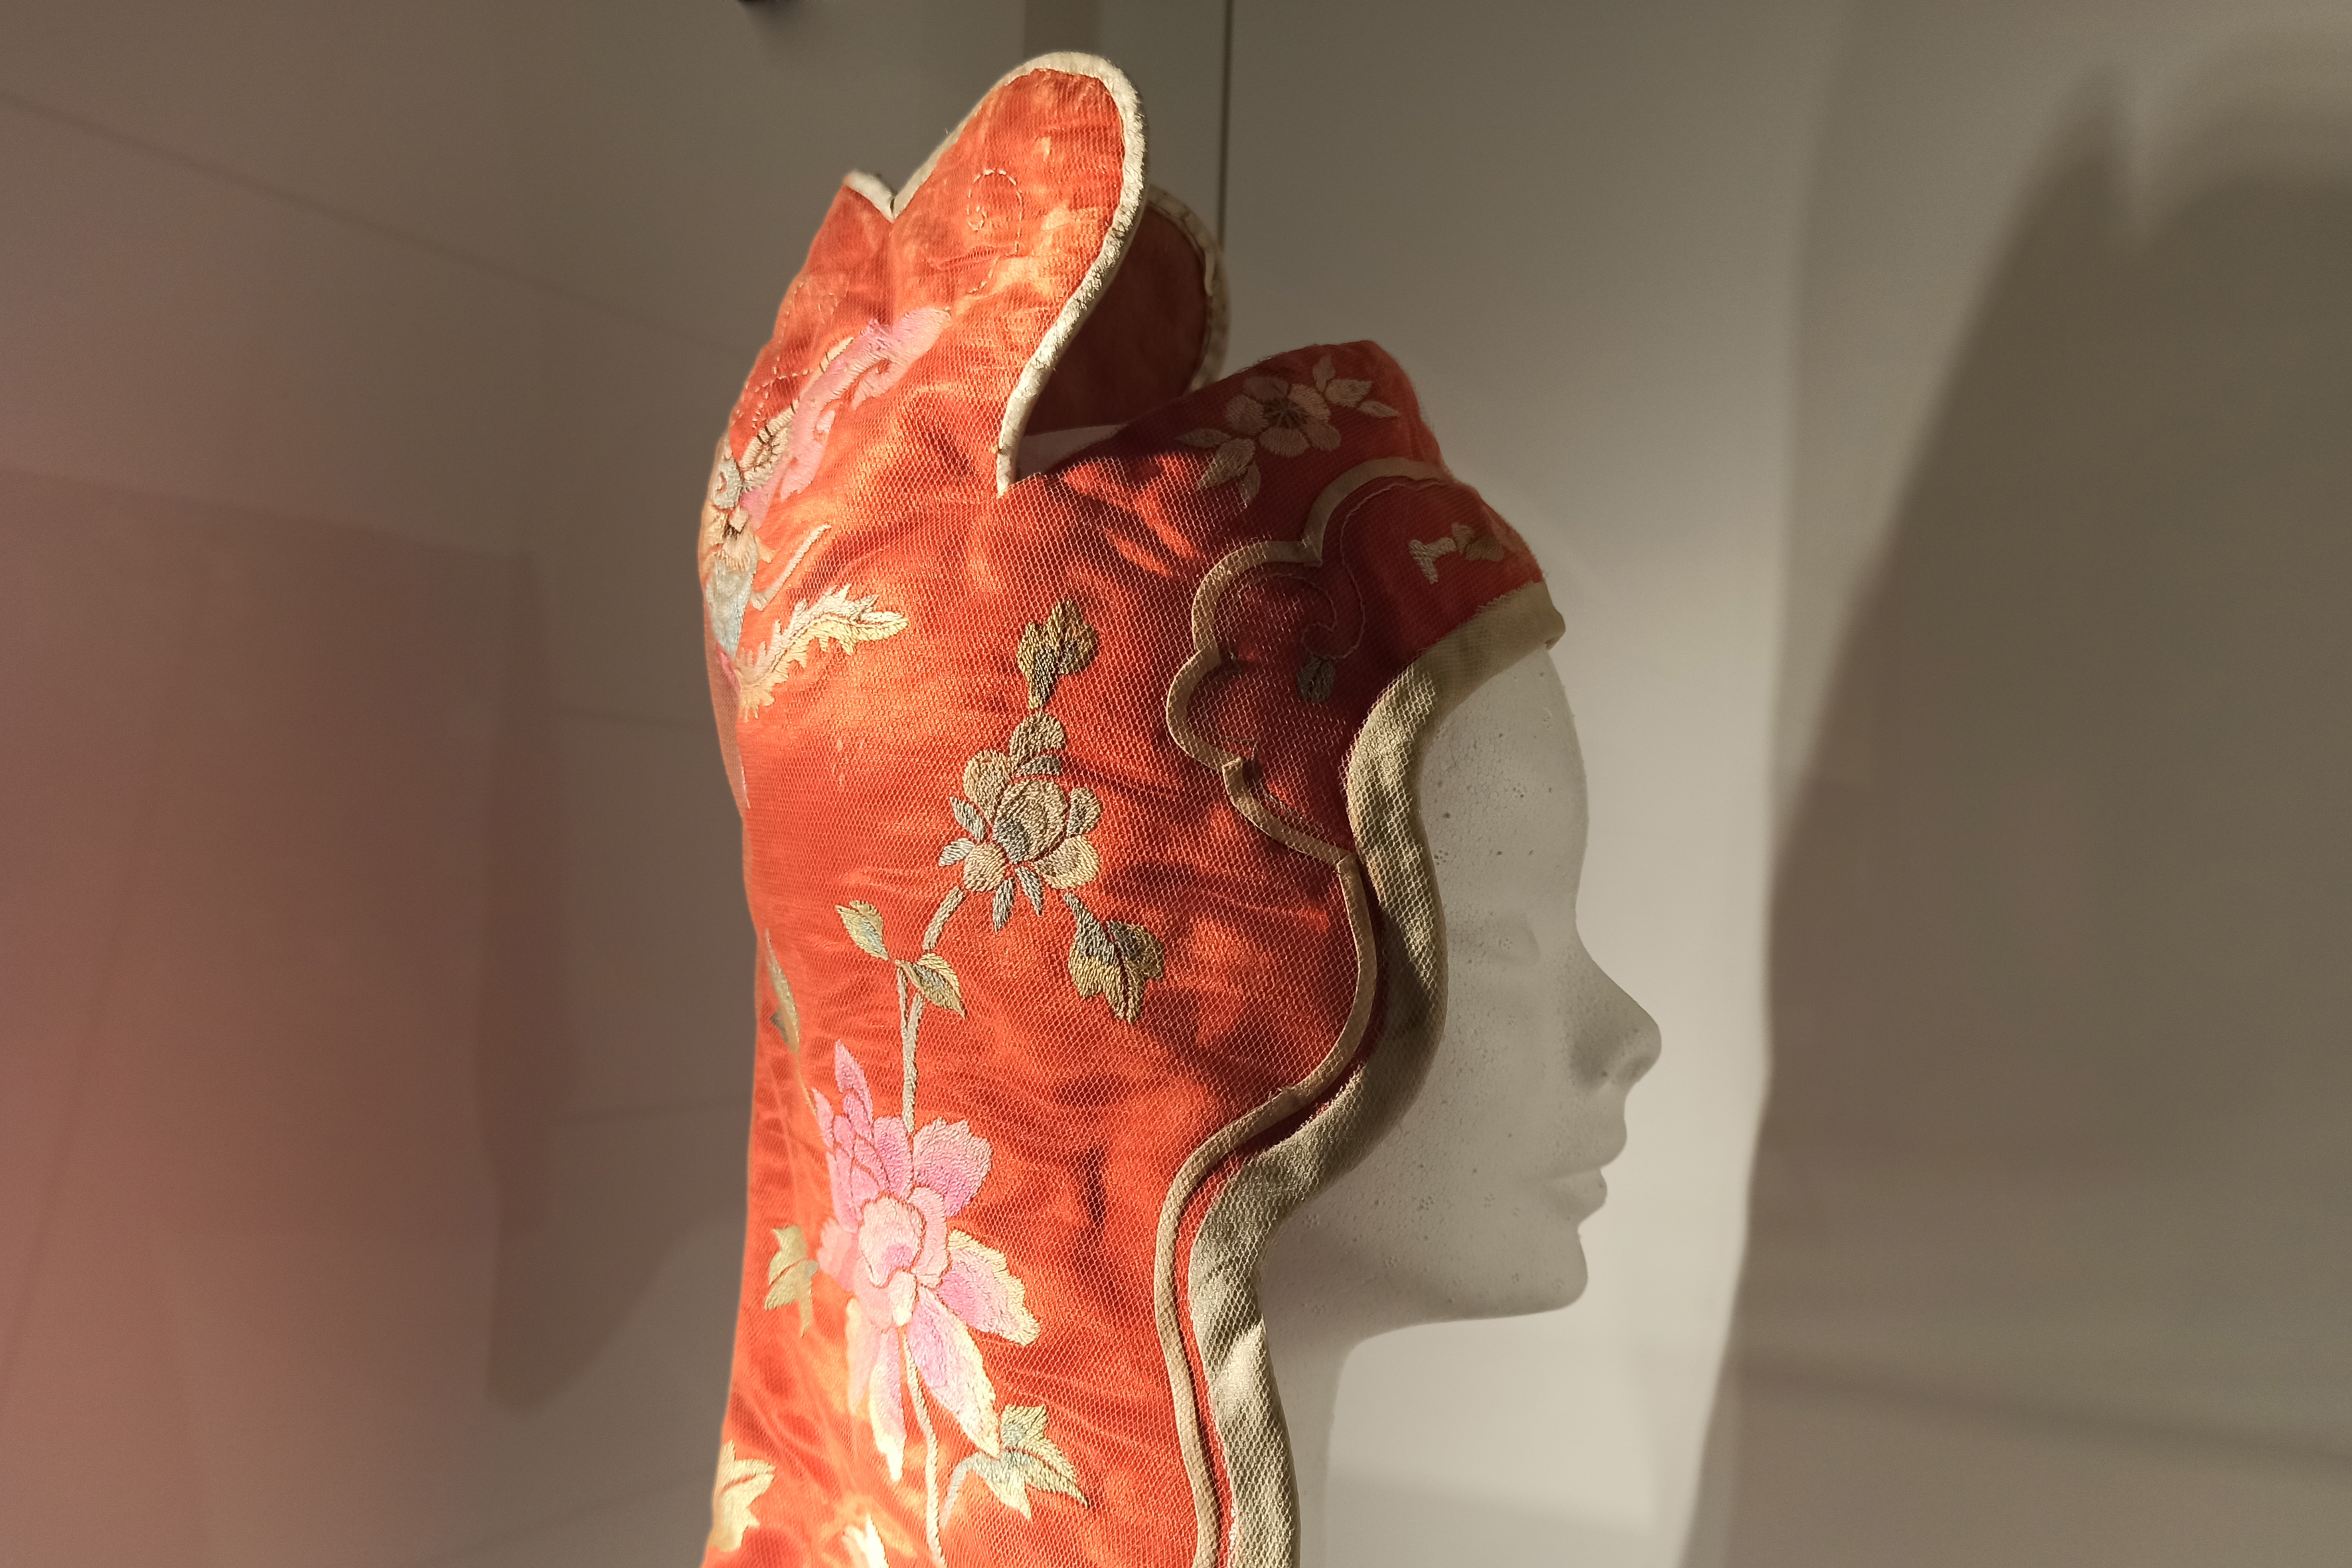 Copricapo Fengguo cappuccio da vento in seta imbottita di ovatta che copre orecchie e nuca del primo Novecento, usato nelle steppe delle regioni cinesi del Nord-Museo d'Arte Cinese ed Etnografico-Parma